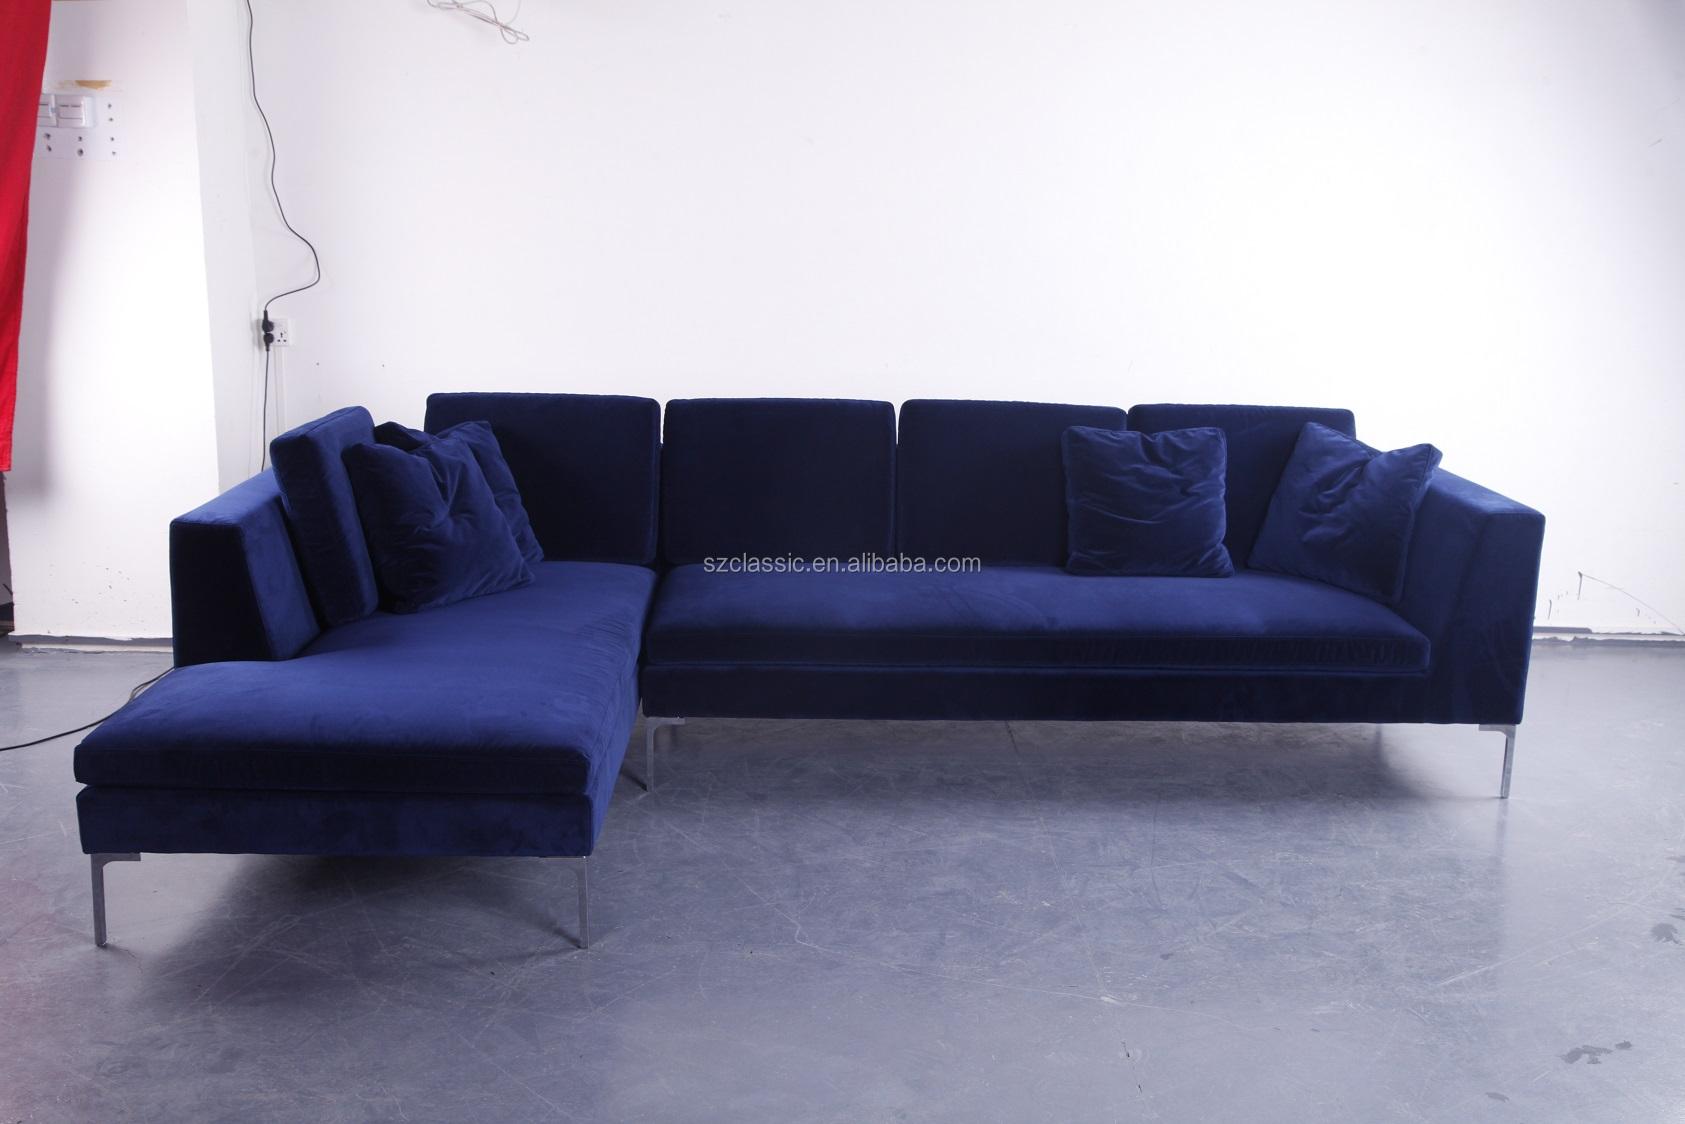 Antonio Citterio Design Modern Sectional Navy Blue Velvet Bb Italia